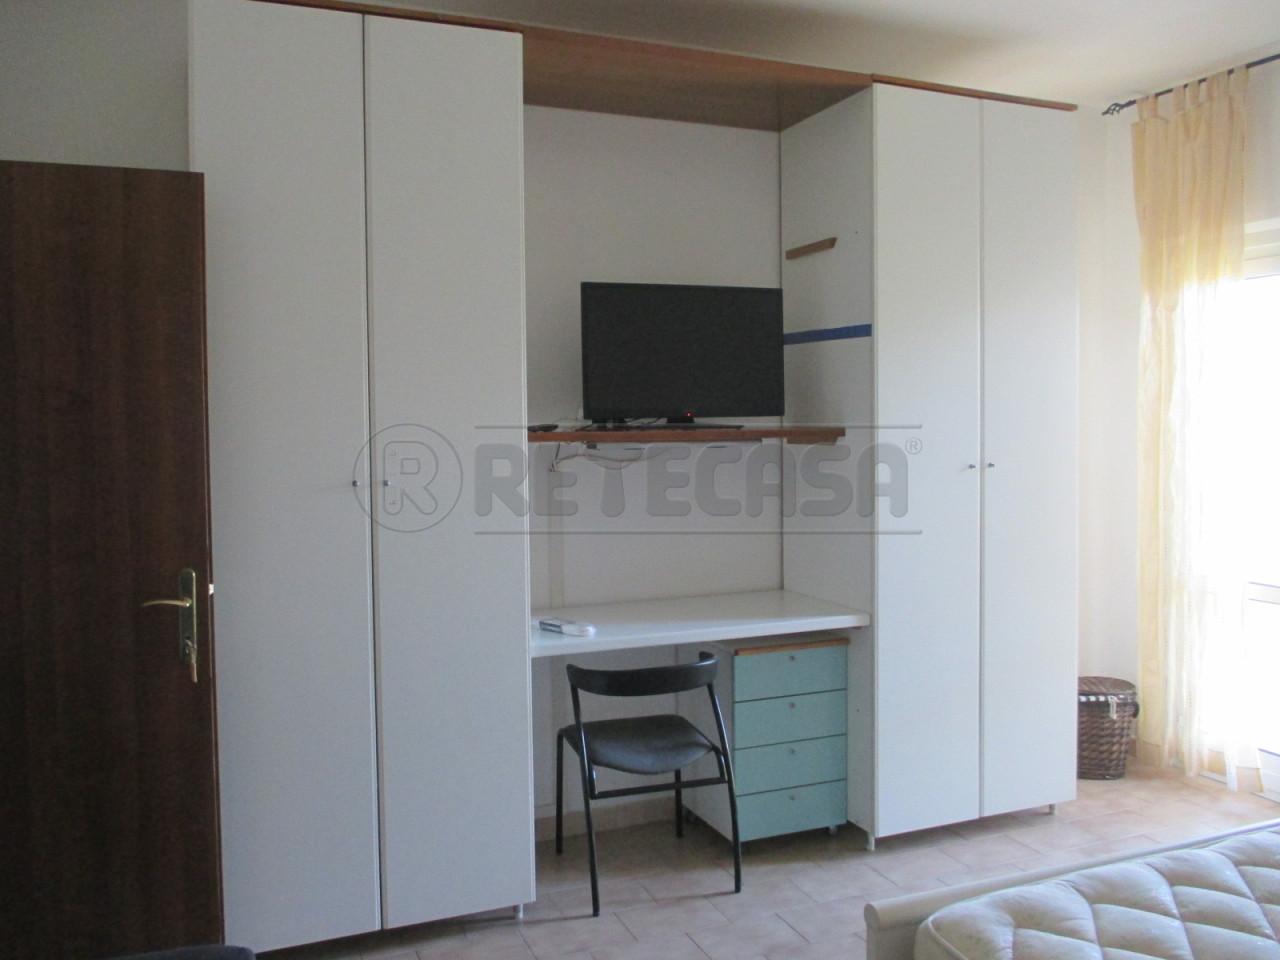 Appartamento in affitto a Senigallia, 2 locali, prezzo € 350 | Cambio Casa.it